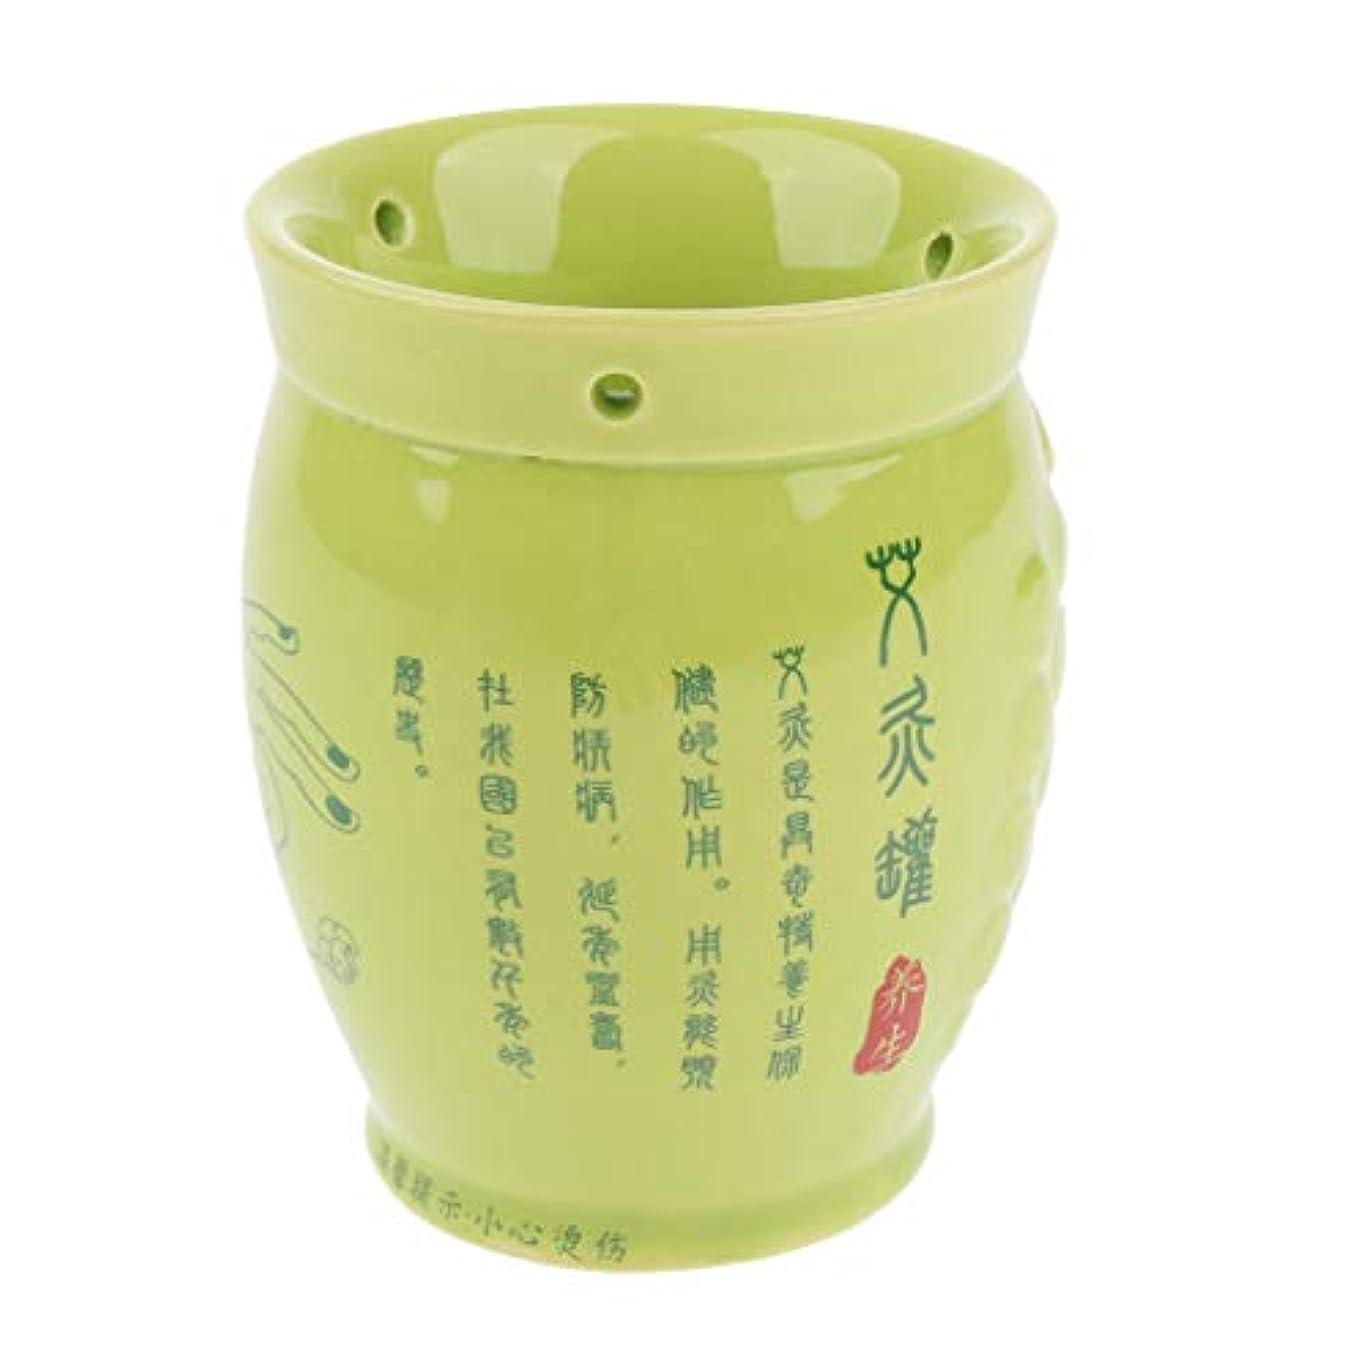 ルネッサンスアルコーブ希望に満ちたD DOLITY 中国式カッピングカップ 缶 ポット マッサージ お灸 セラミック製